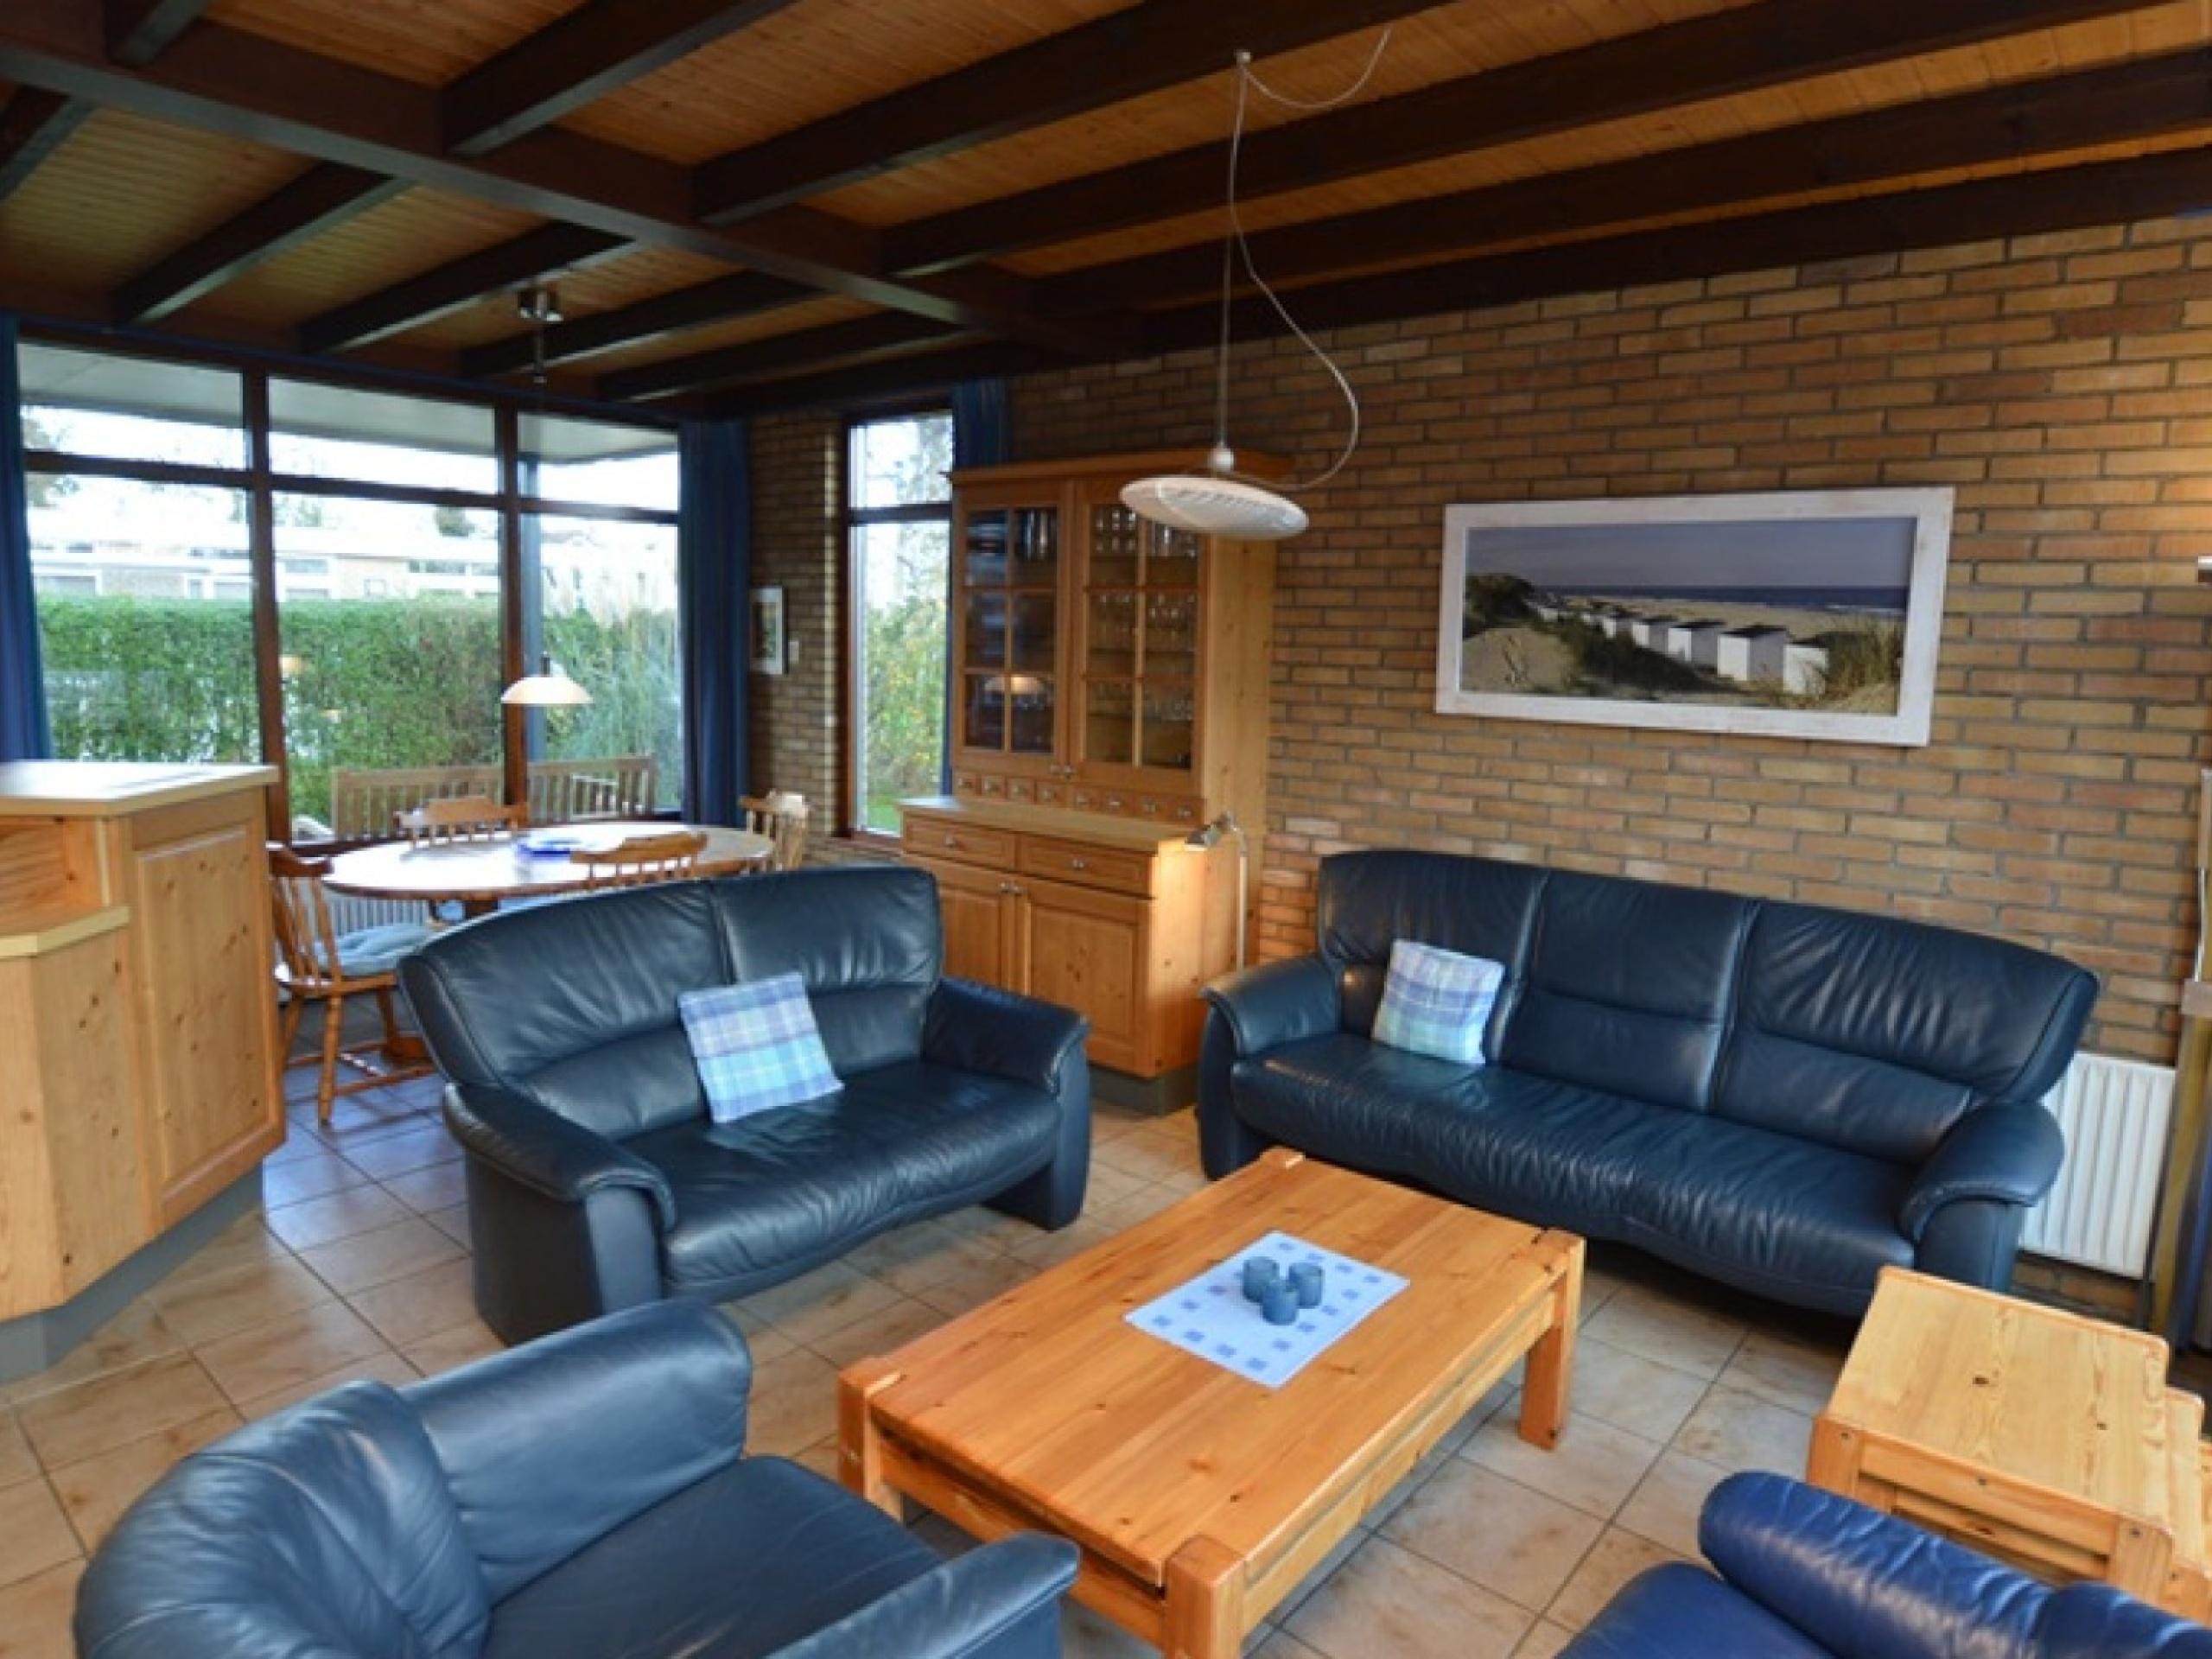 Zeer compleet ingerichte, rustig gelegen vakantiehuis met ruime tuin en terras op het zuiden, gunstige ligging direct bij het bos nabij De Koog.